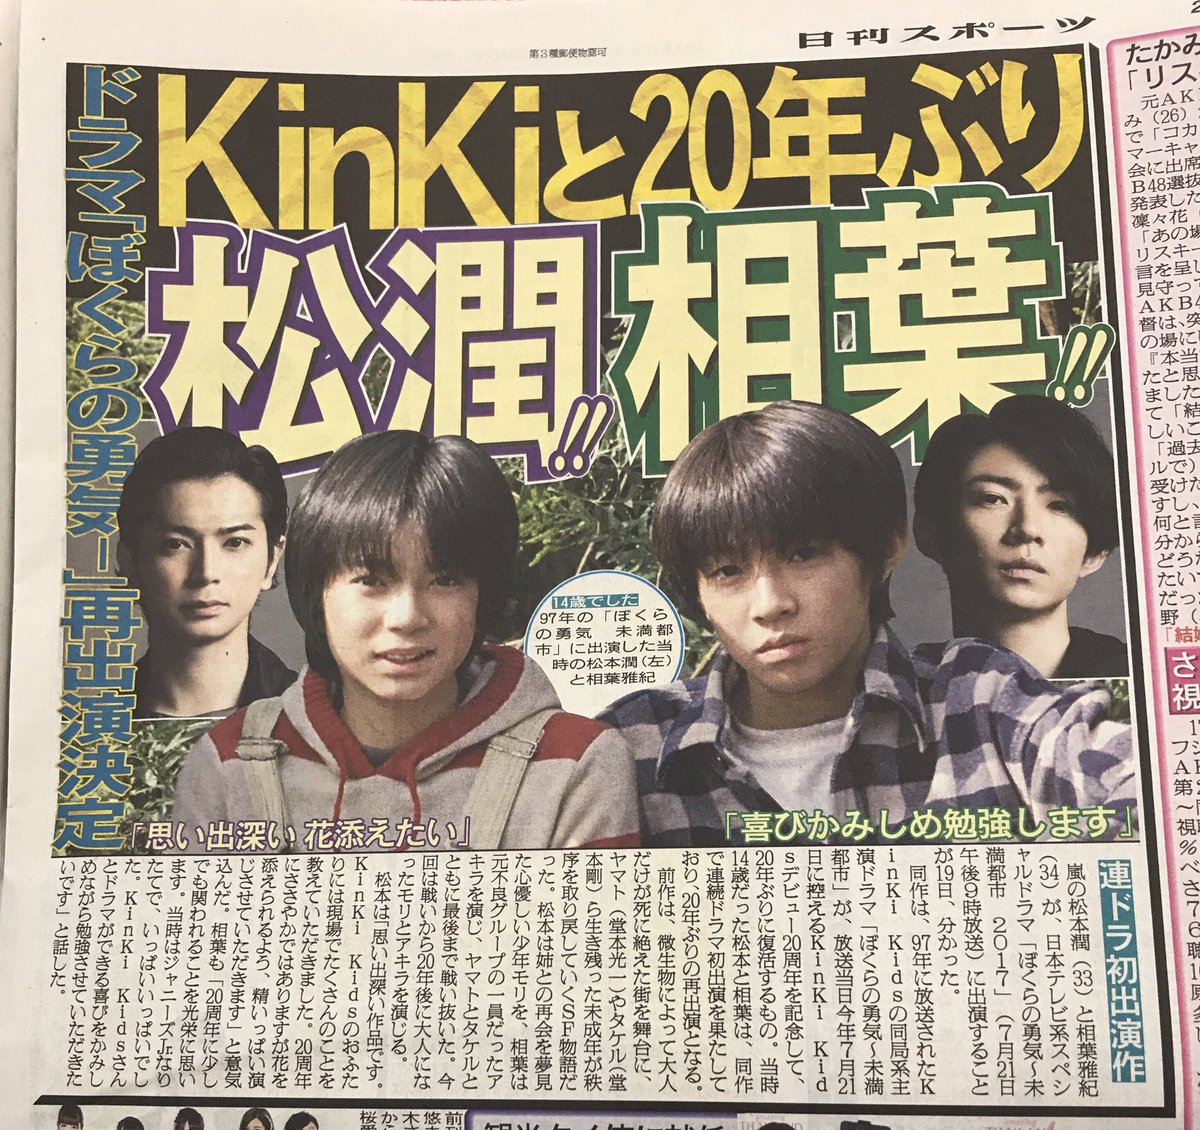 日刊スポーツ kinkiと20年ぶり 松潤!!相葉!!  未満都市にでるんだね